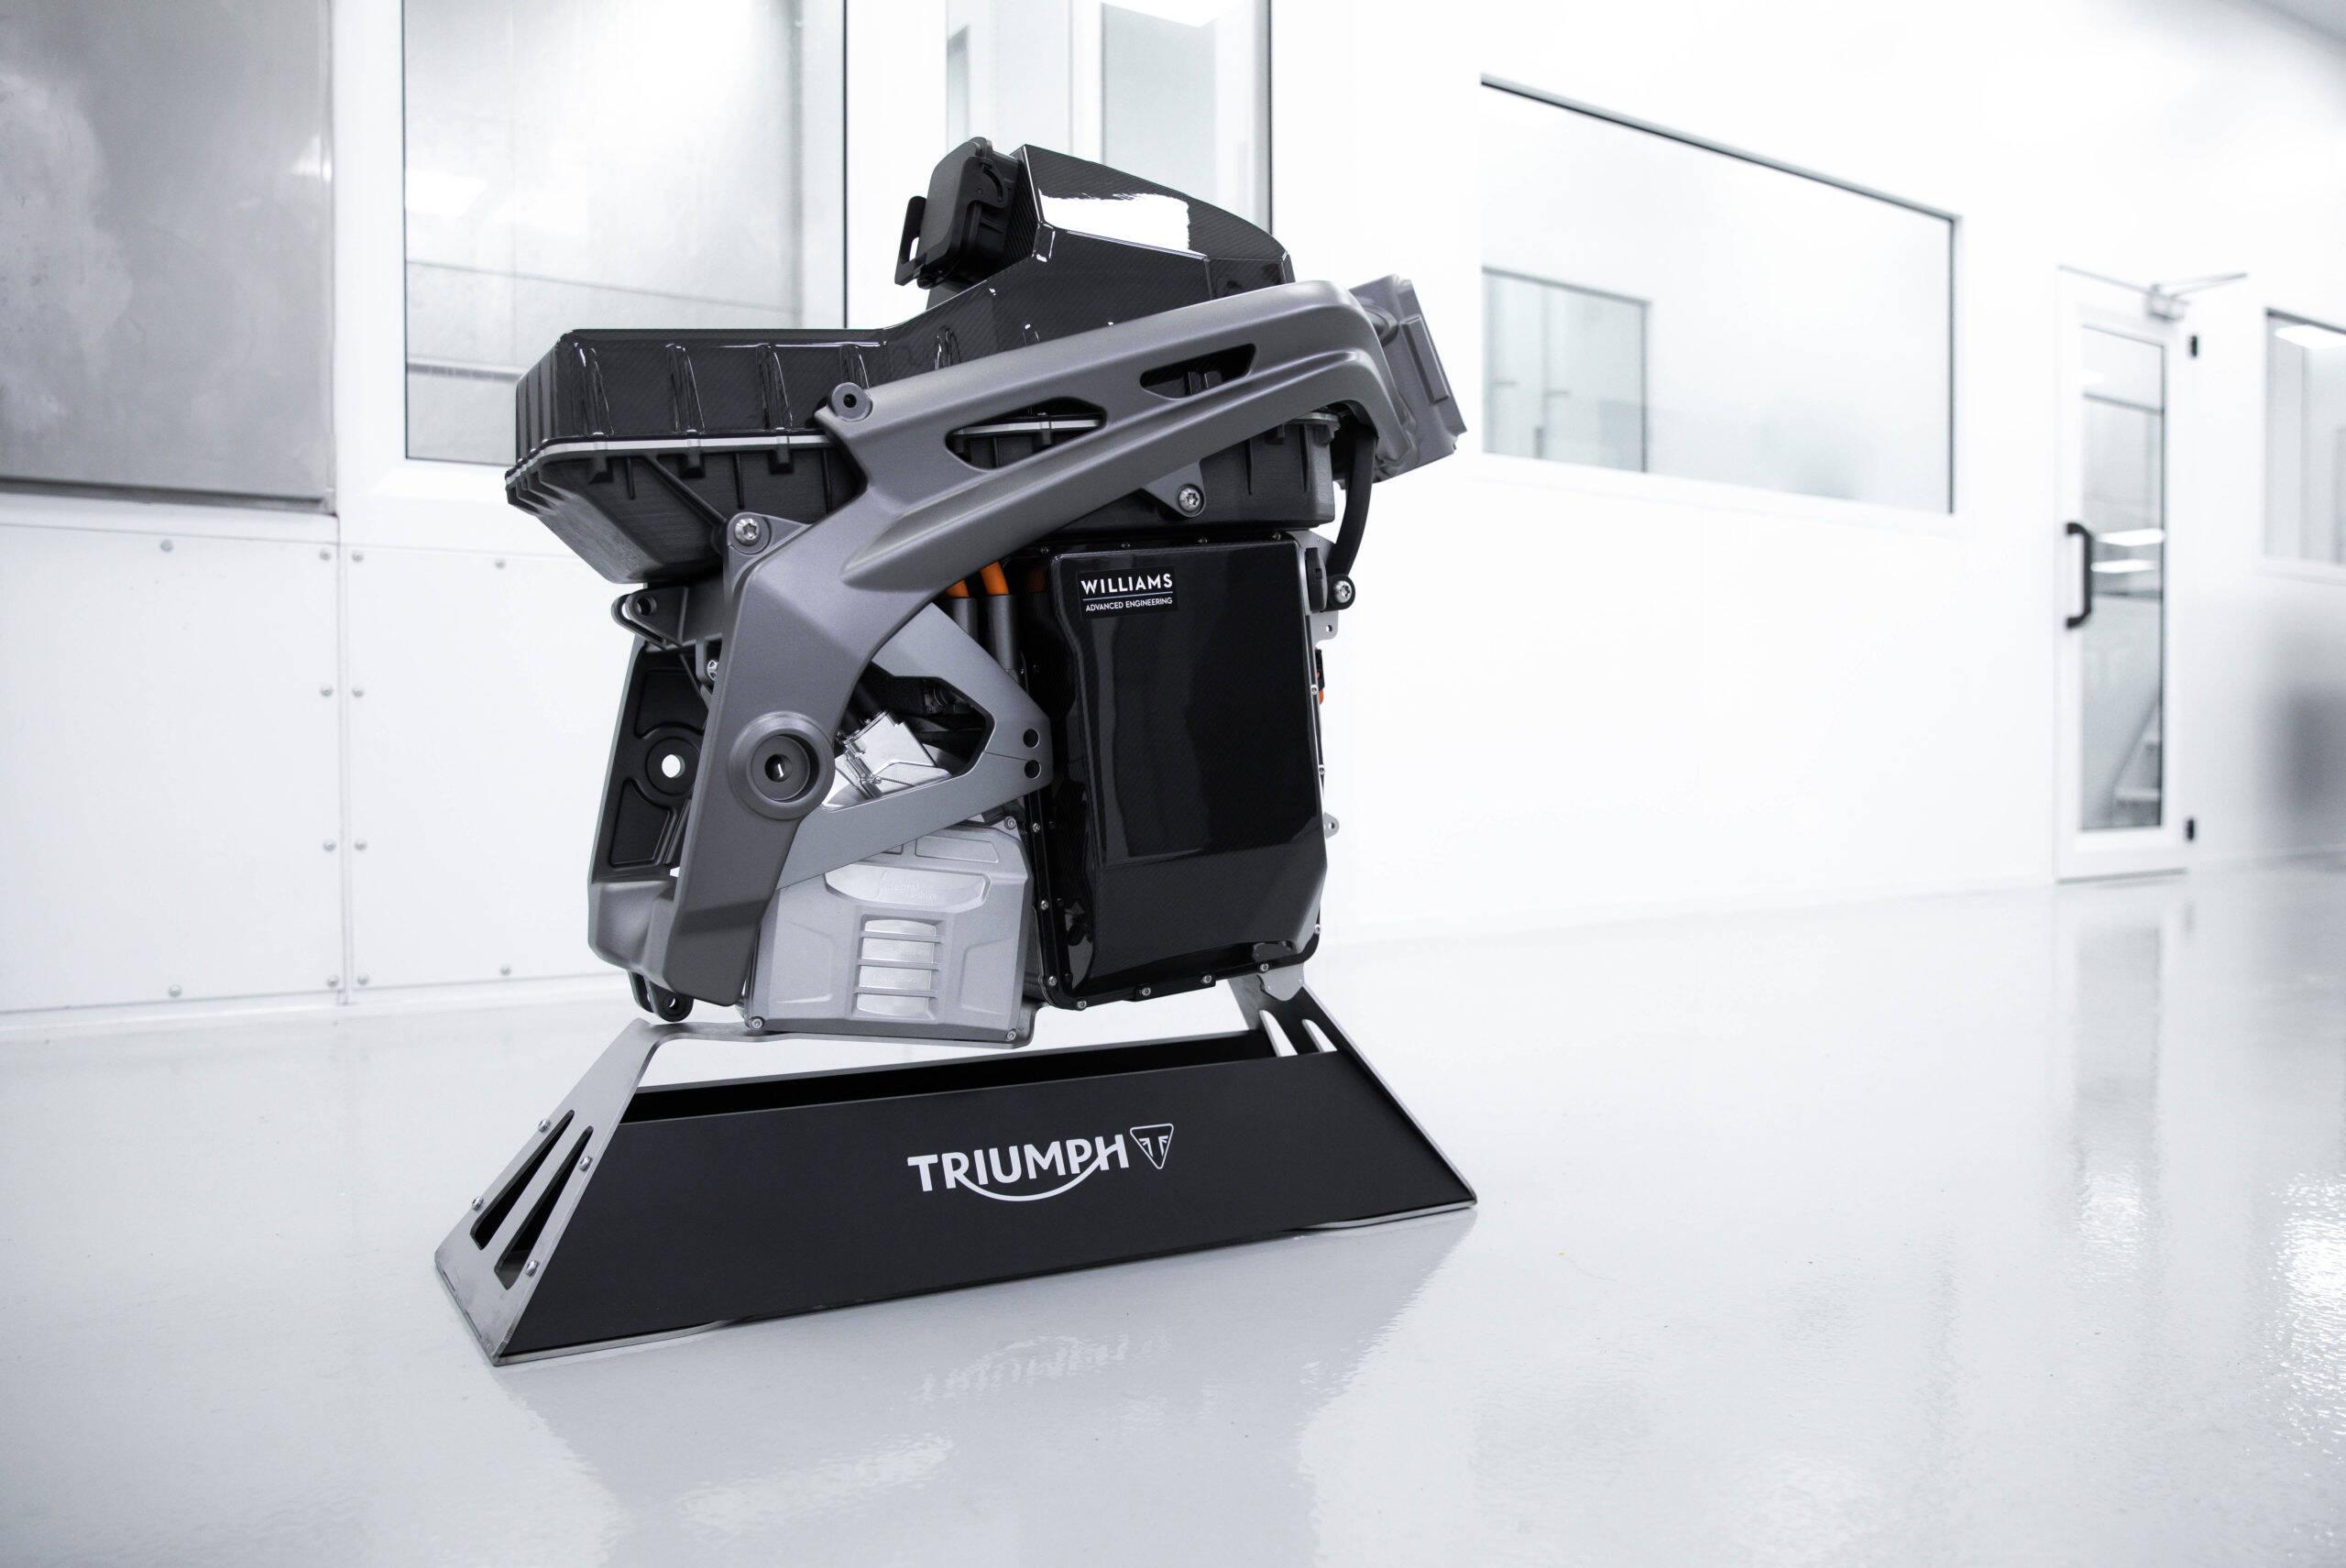 Triumph divulga esboço da futura moto elétrica da empresa